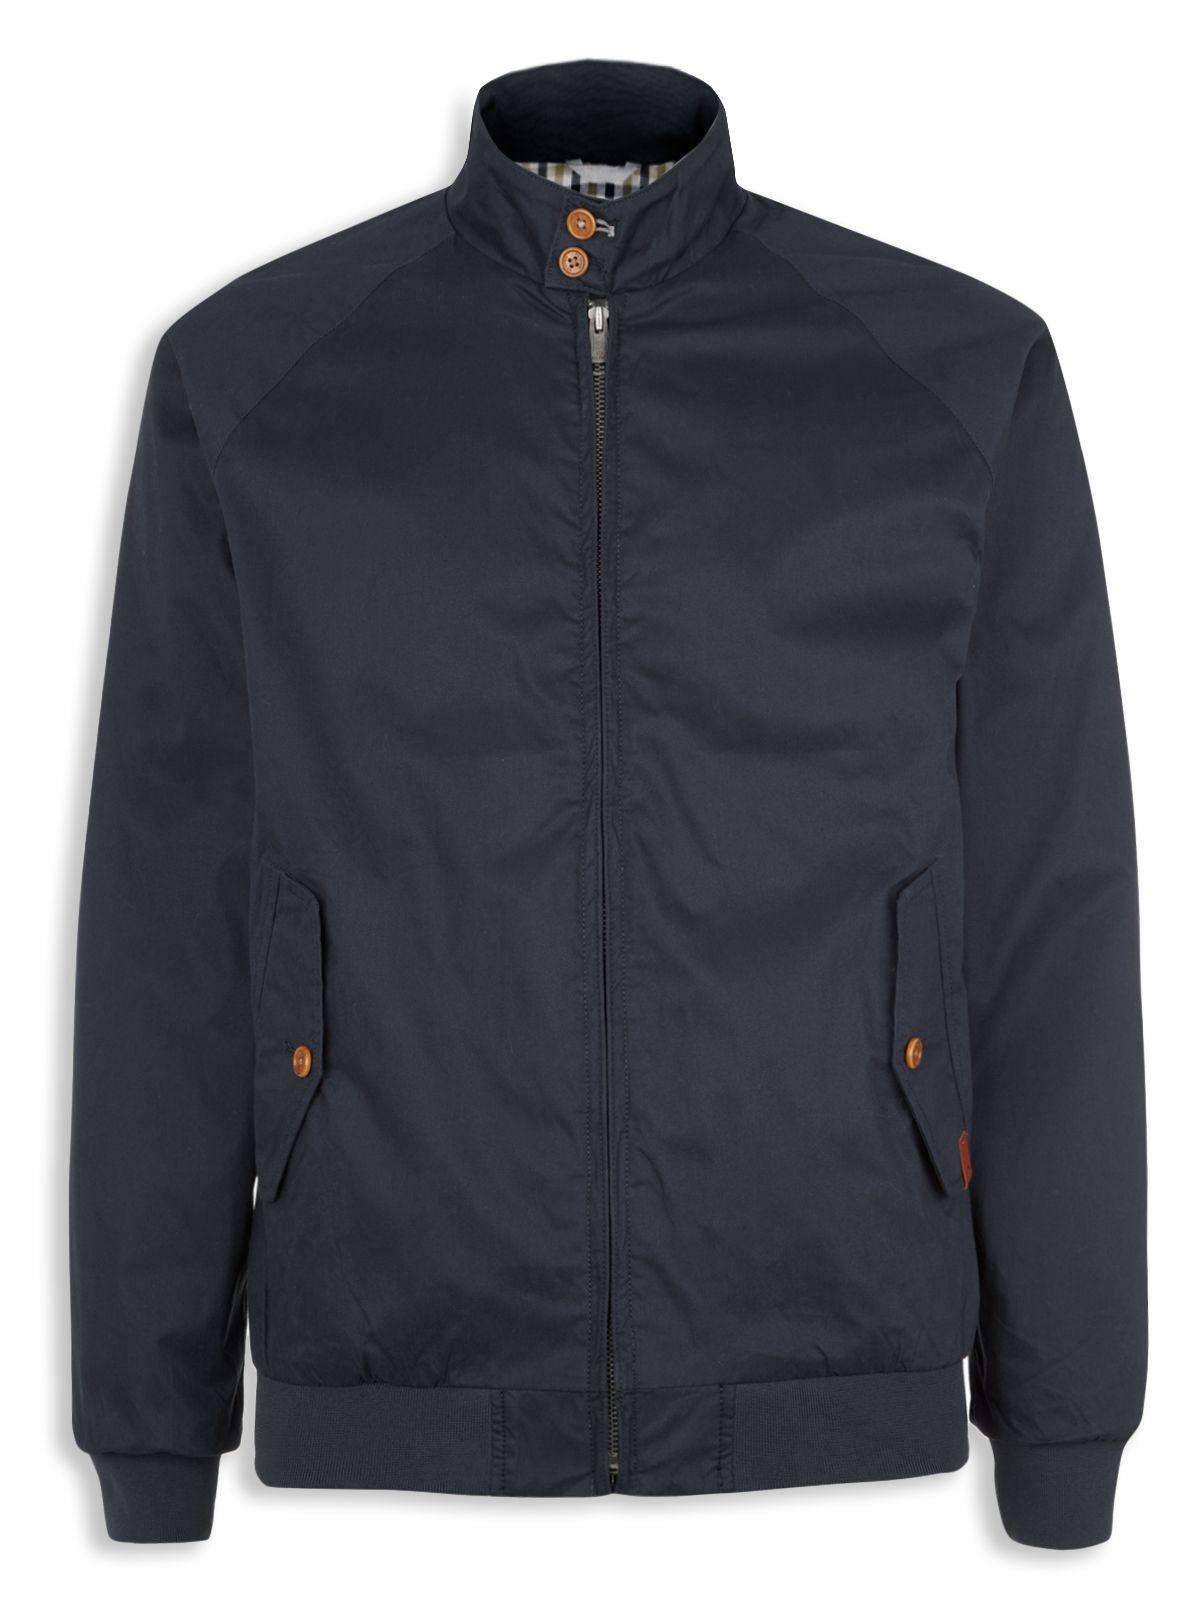 Buy harrington jacket